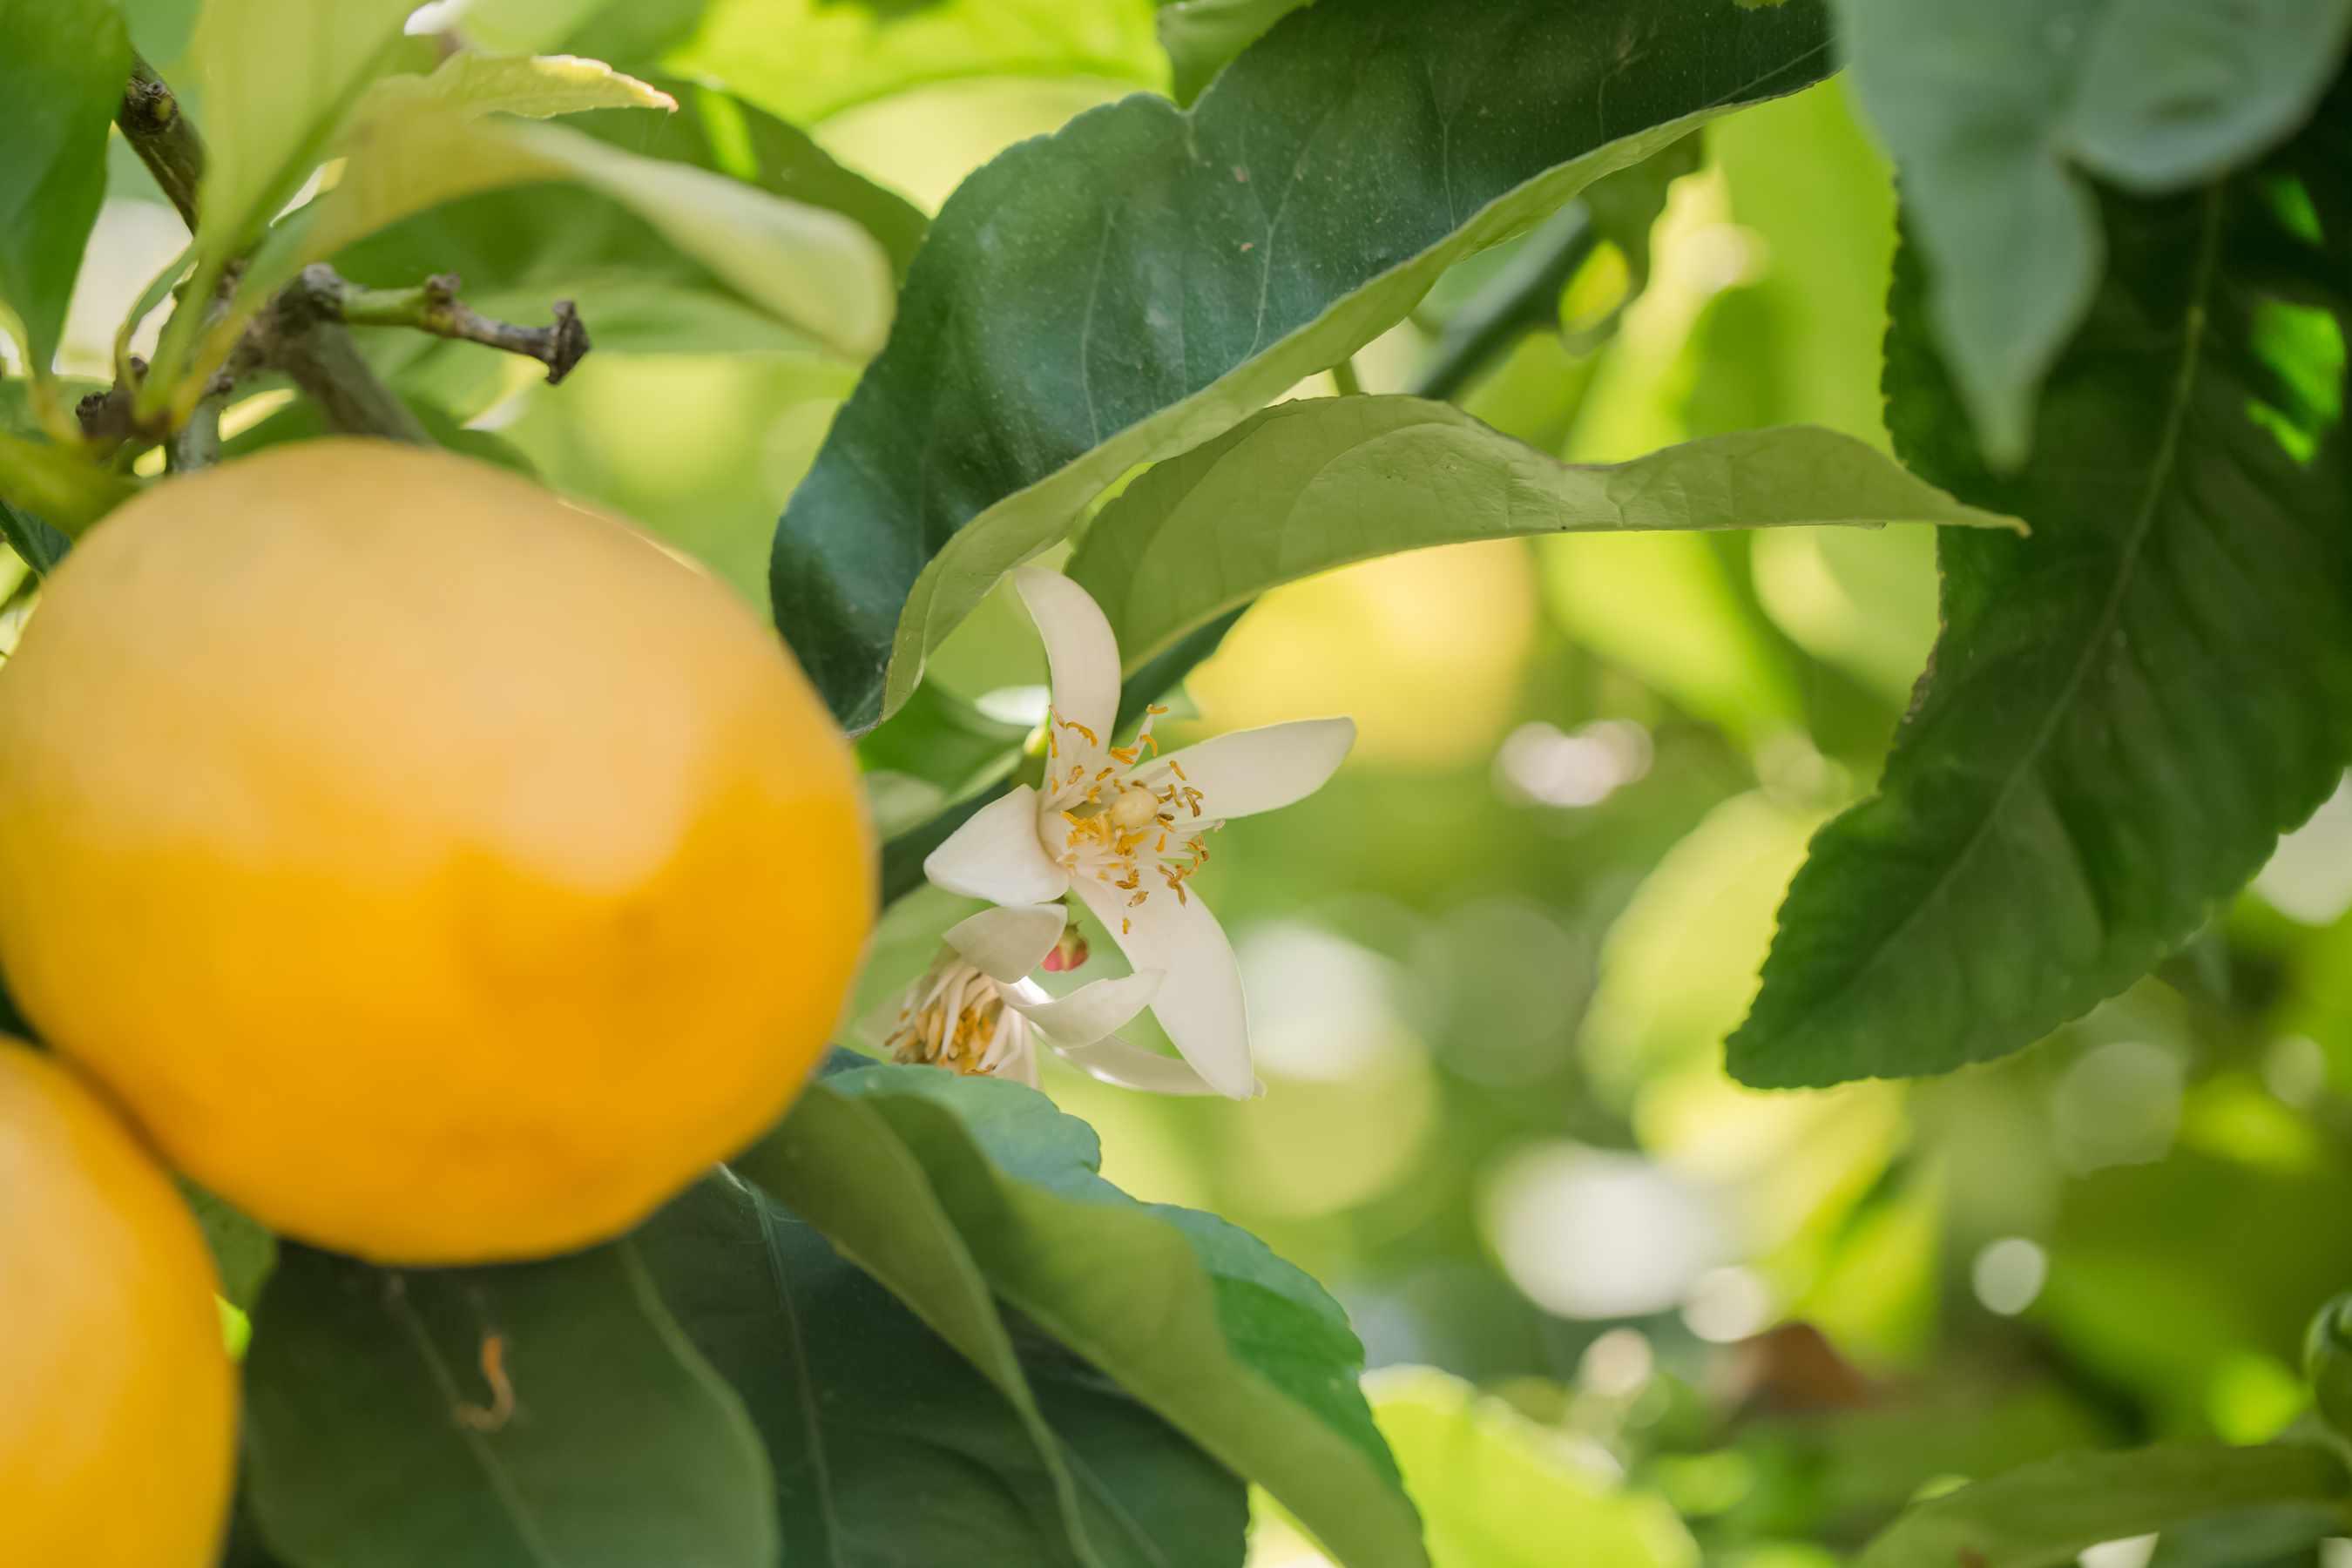 blossom on a lemon tree